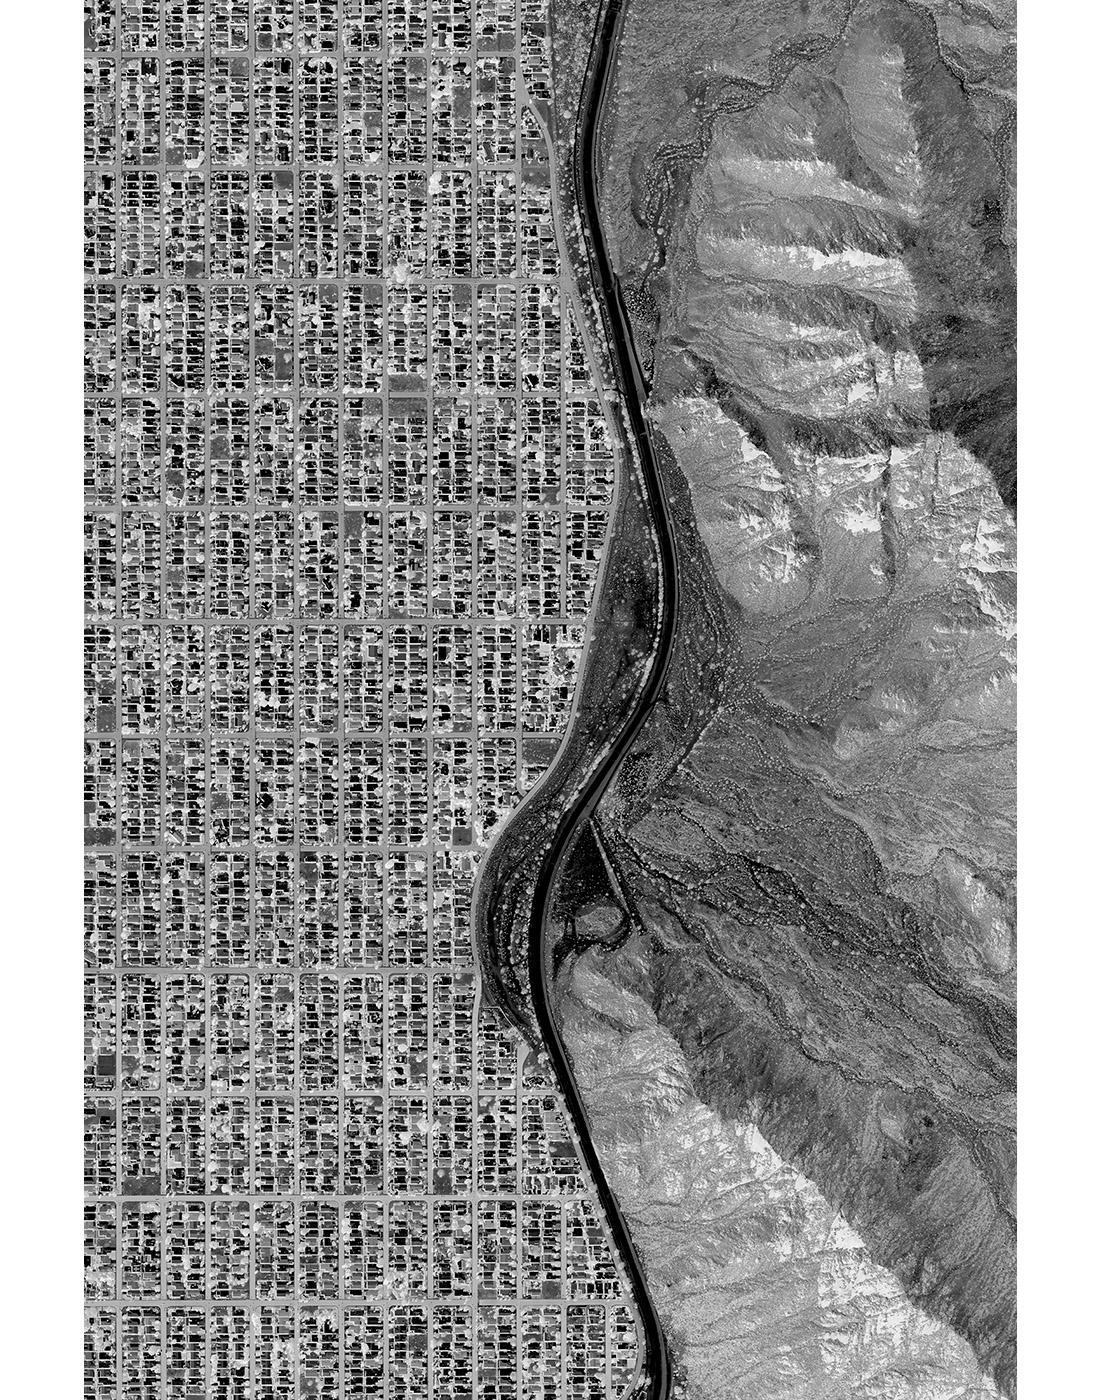 Sur Terre ailleurs - Californie-003